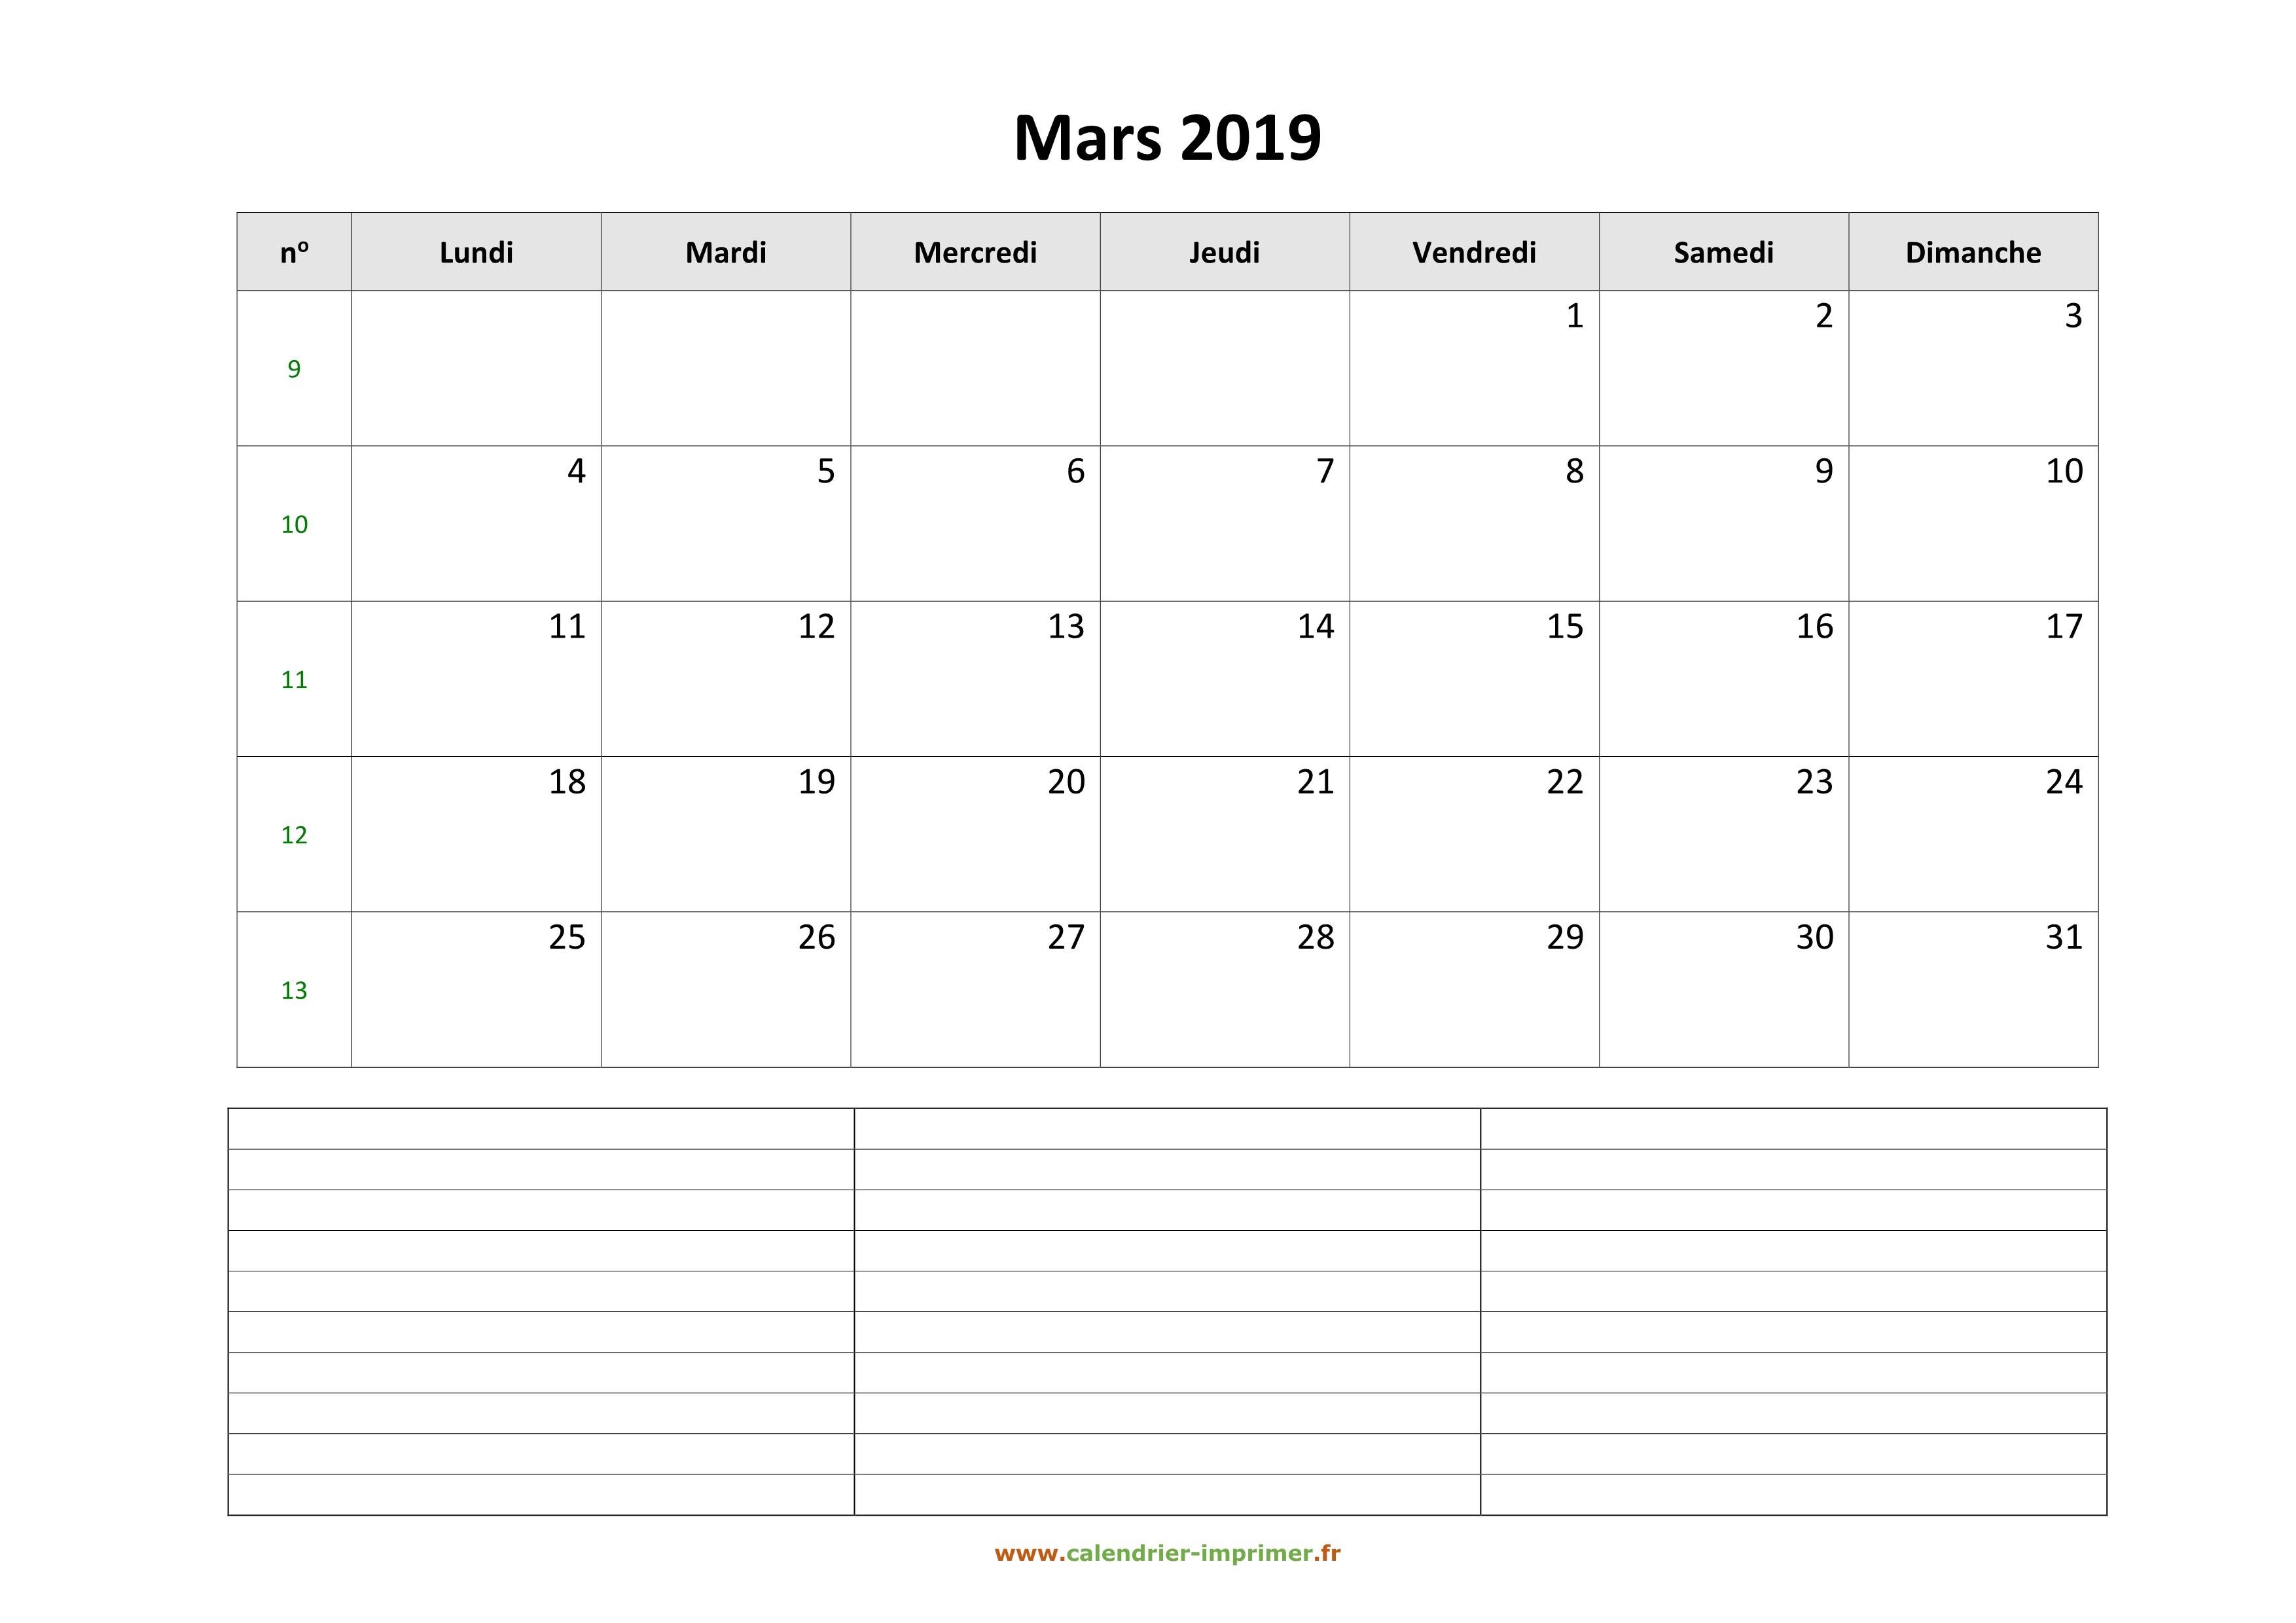 Calendrier Mars 2019 A Imprimer